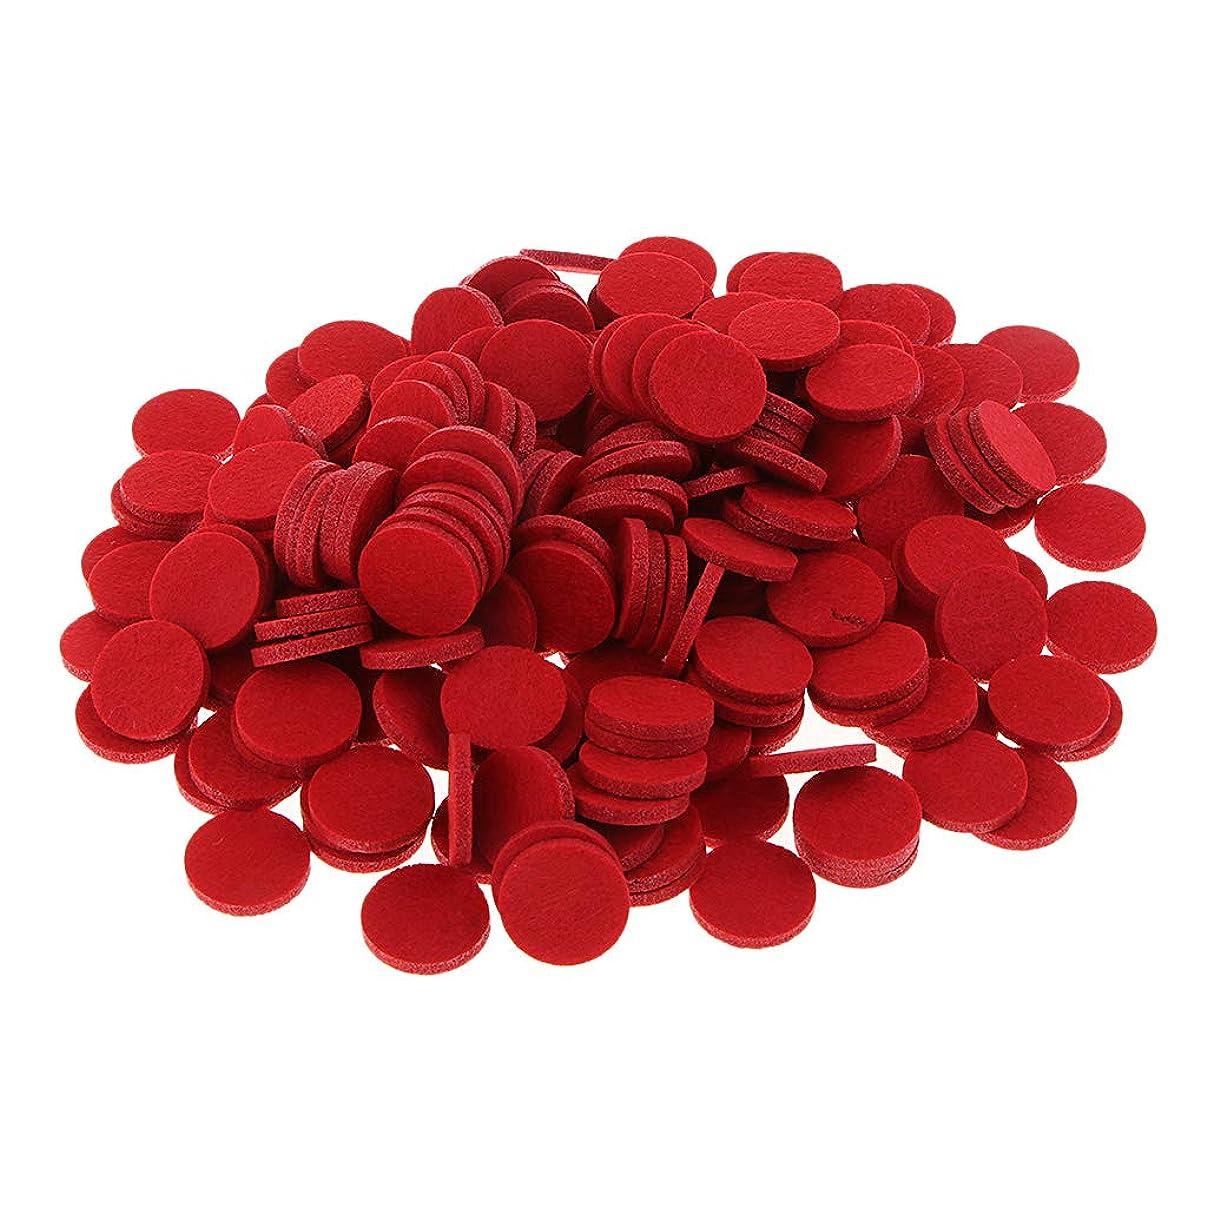 出会い菊ベアリングサークルFenteer 約200個入り 詰め替えパッド 精油付き アロマディフューザー 交換用 オイルパッド 全11色 - 赤